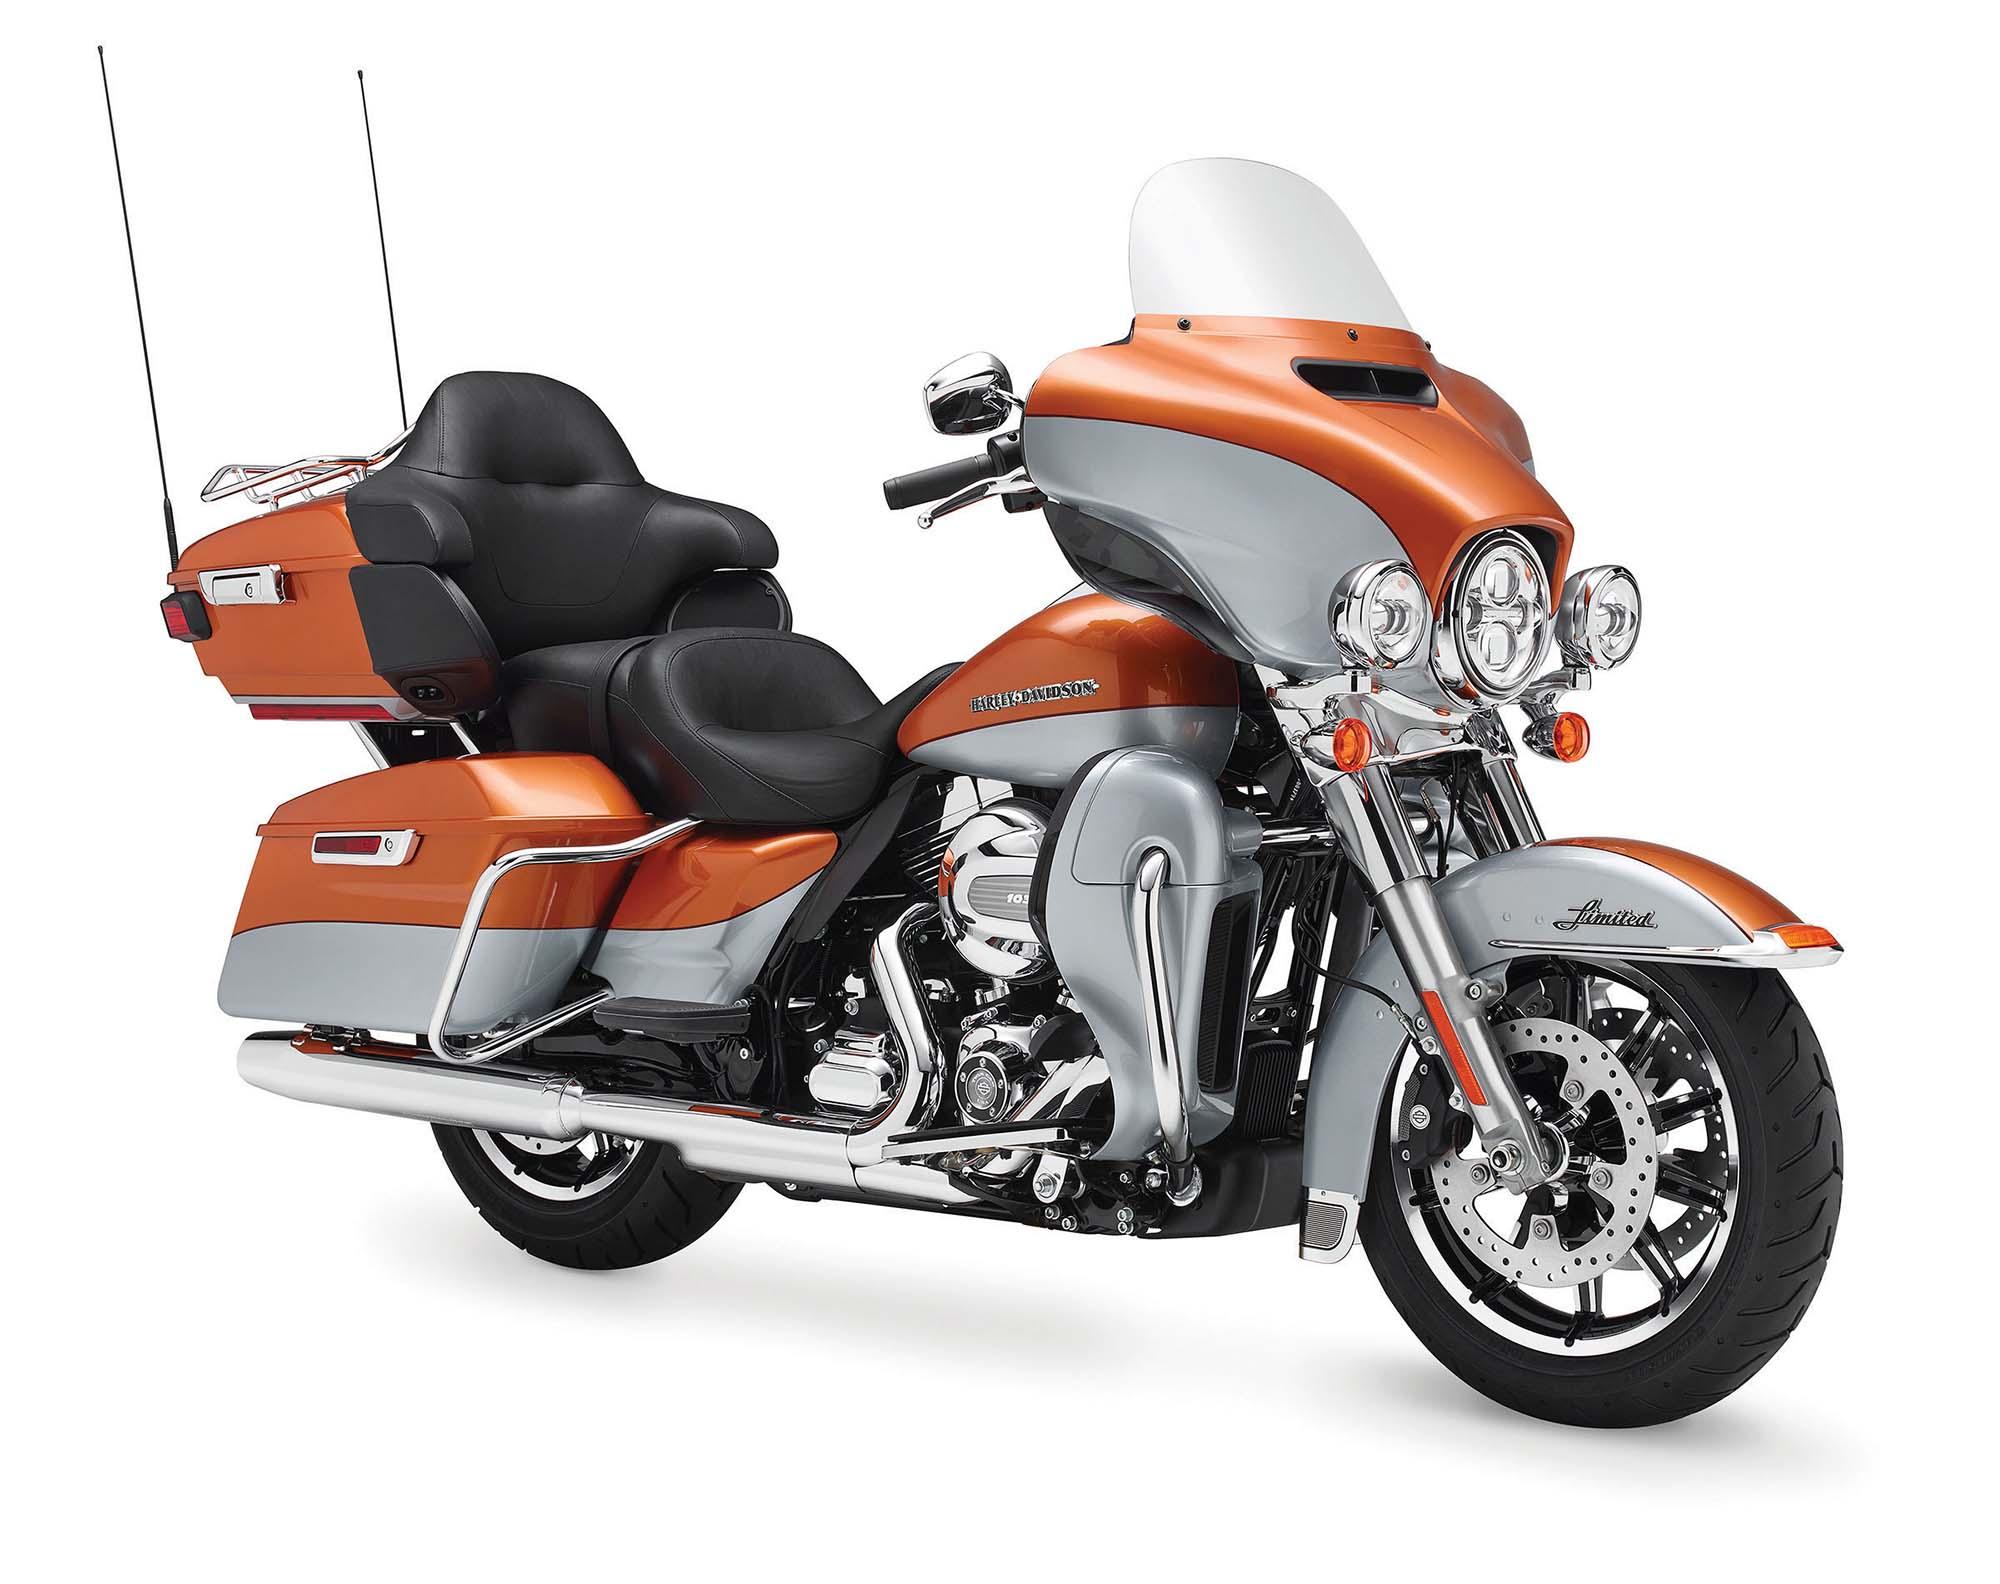 Flhtk Af on New Engine Water Cooled Harley